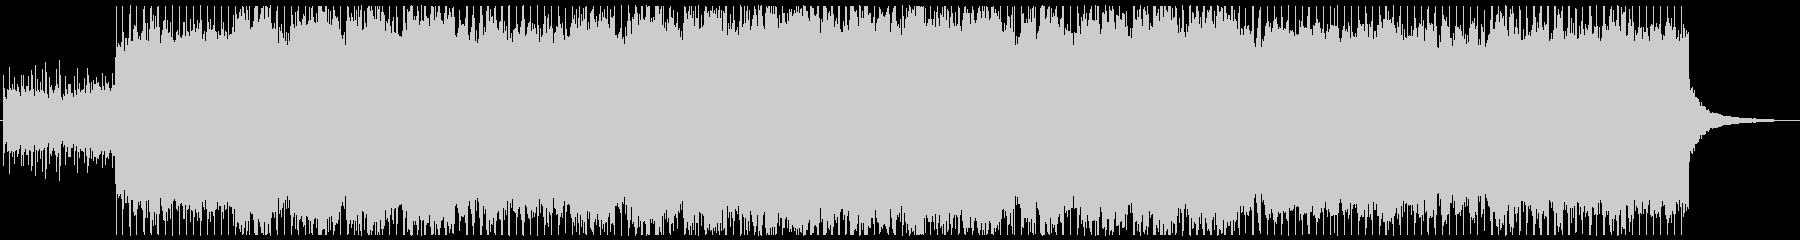 疾走感ある切なくも暖かいアコギアルペジオの未再生の波形